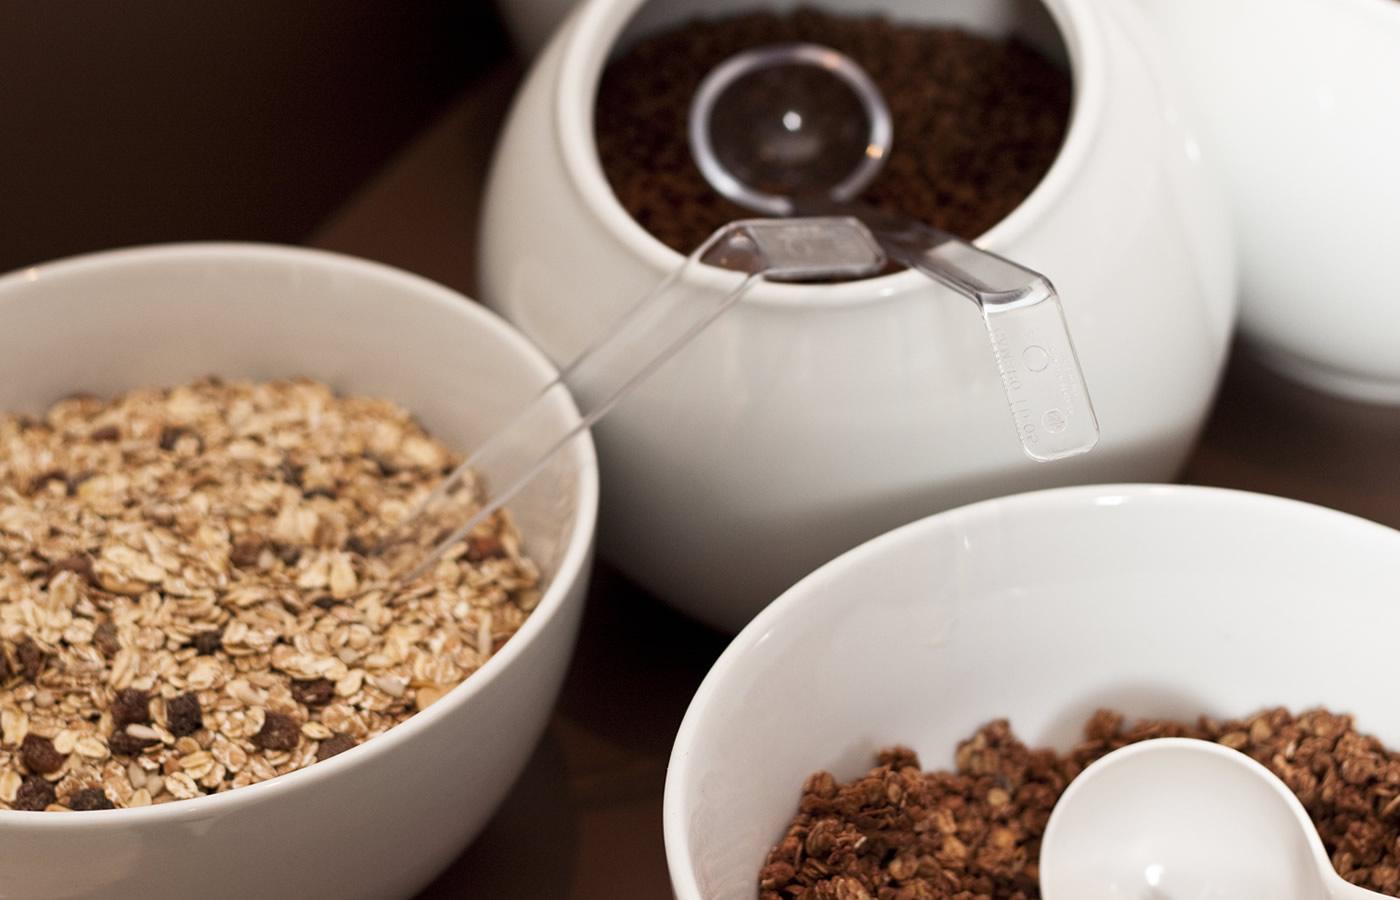 Hotel Natürlich in FIss - Frühstück mit Cerealien und Gesundes.